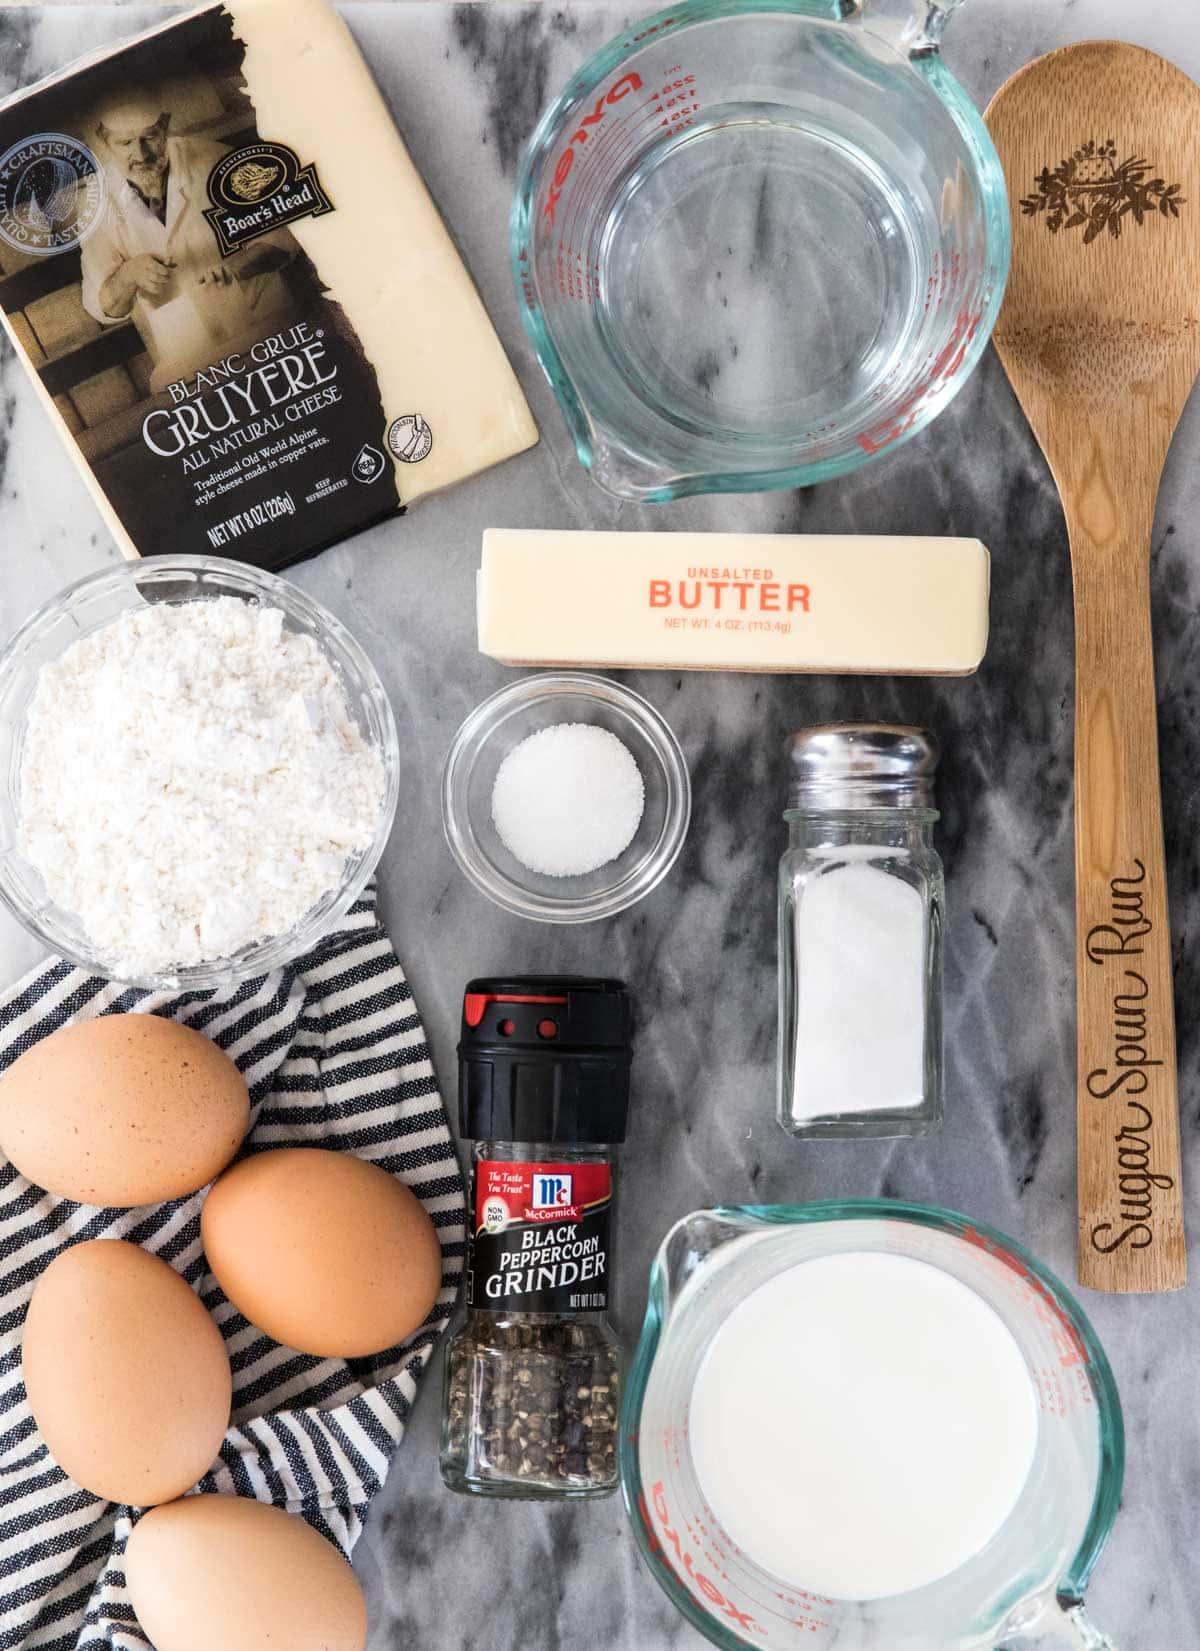 Ingredients to make gougeres